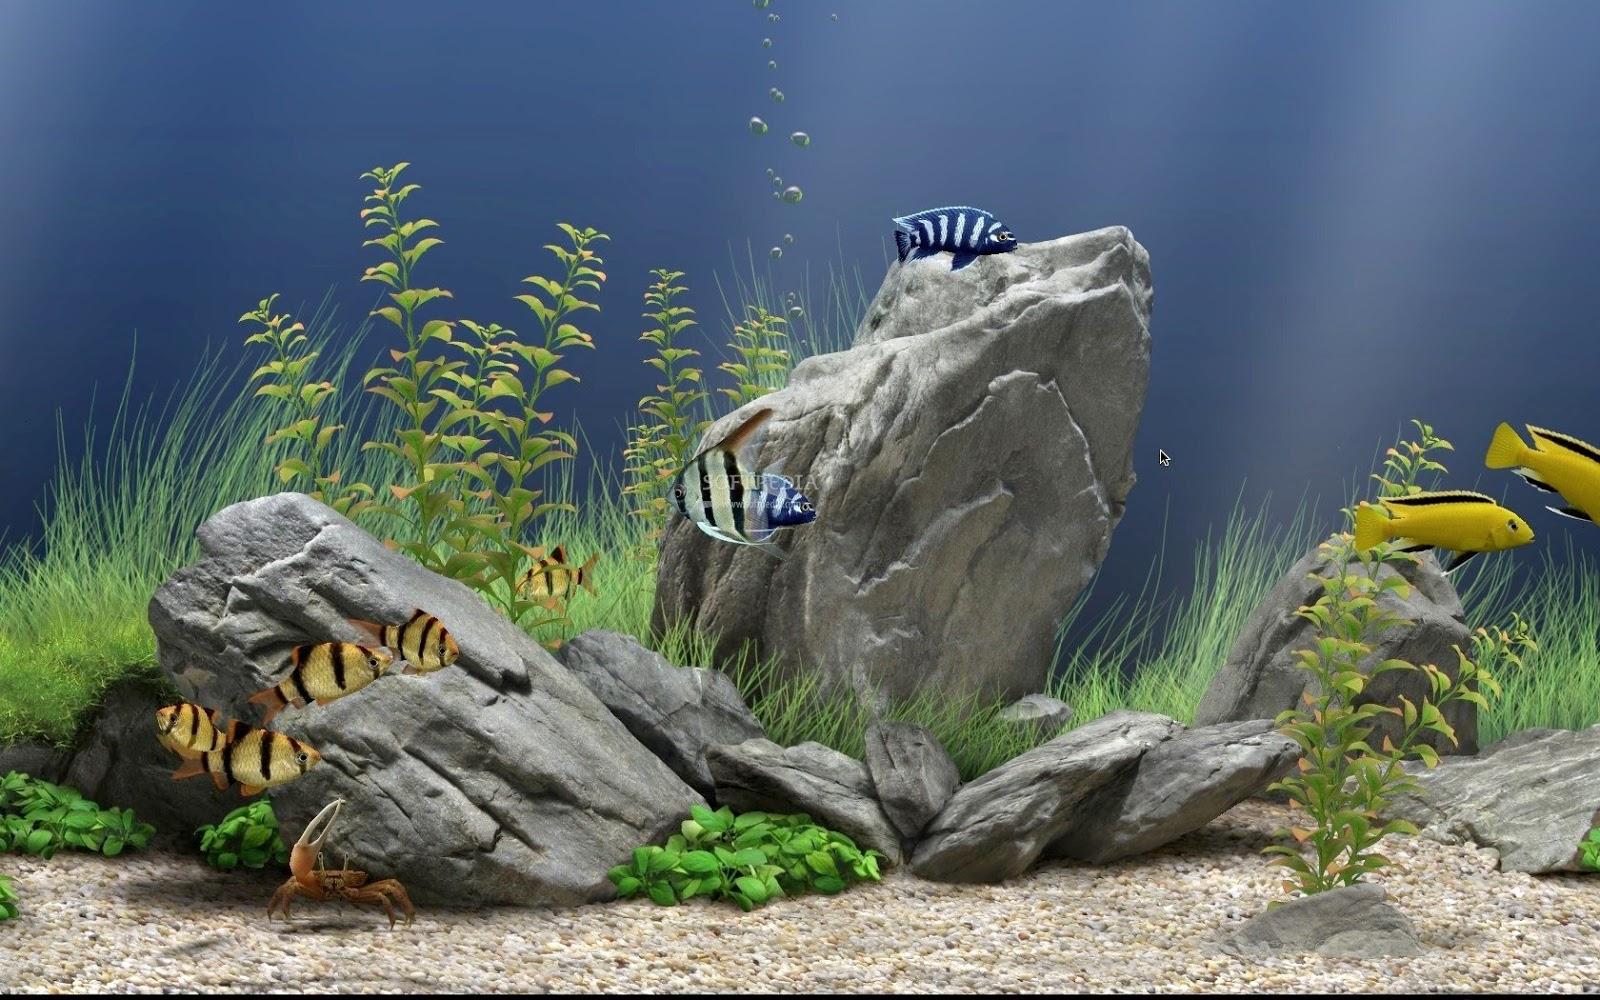 Download Wallpaper Aquarium Bergerak Untuk Windows Dream Aquarium 1600x1000 Download Hd Wallpaper Wallpapertip